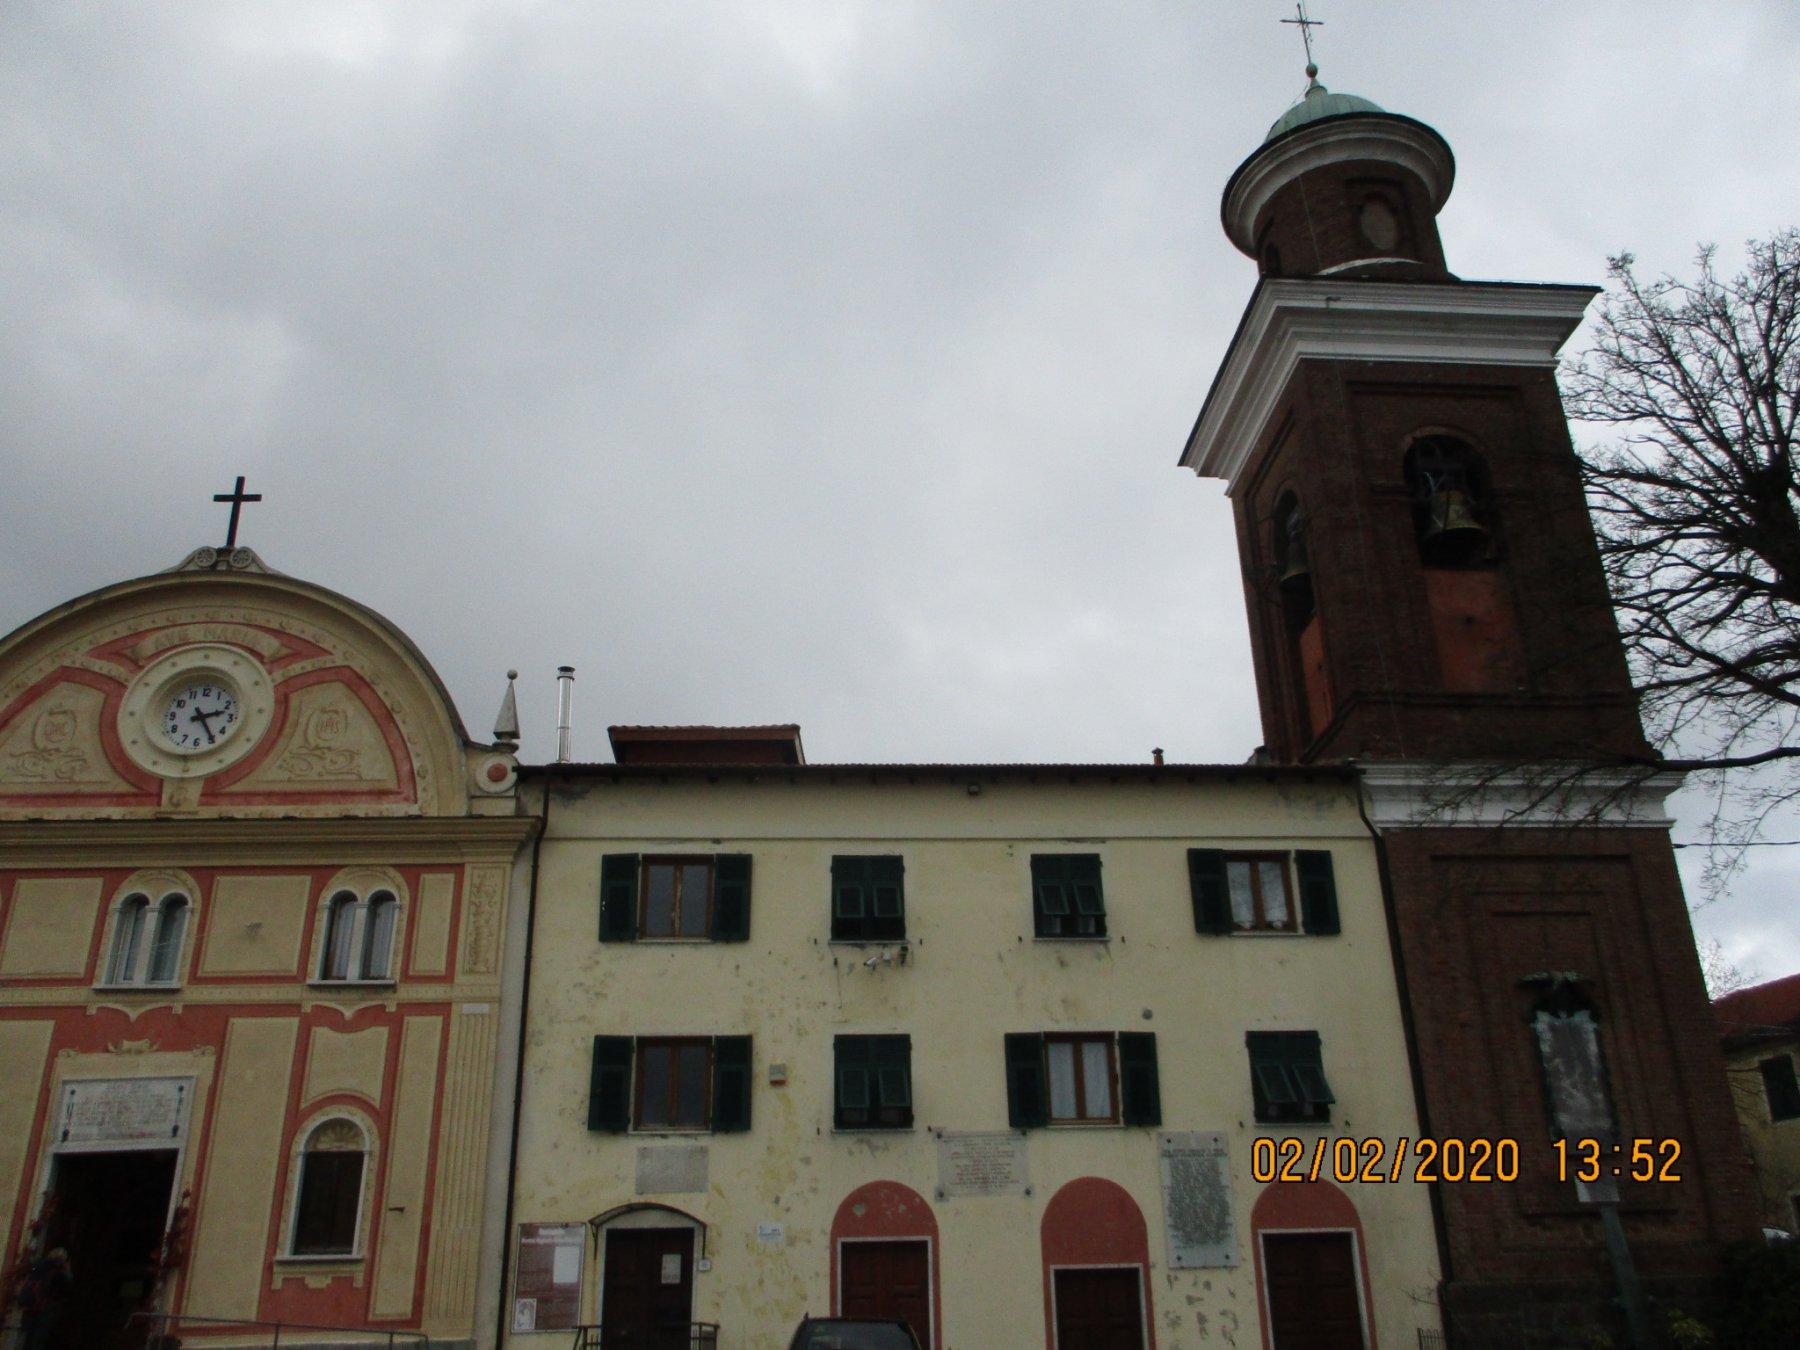 Vittoria (Santuario della) da Pontedecimo, traversata a Busalla 2020-02-02